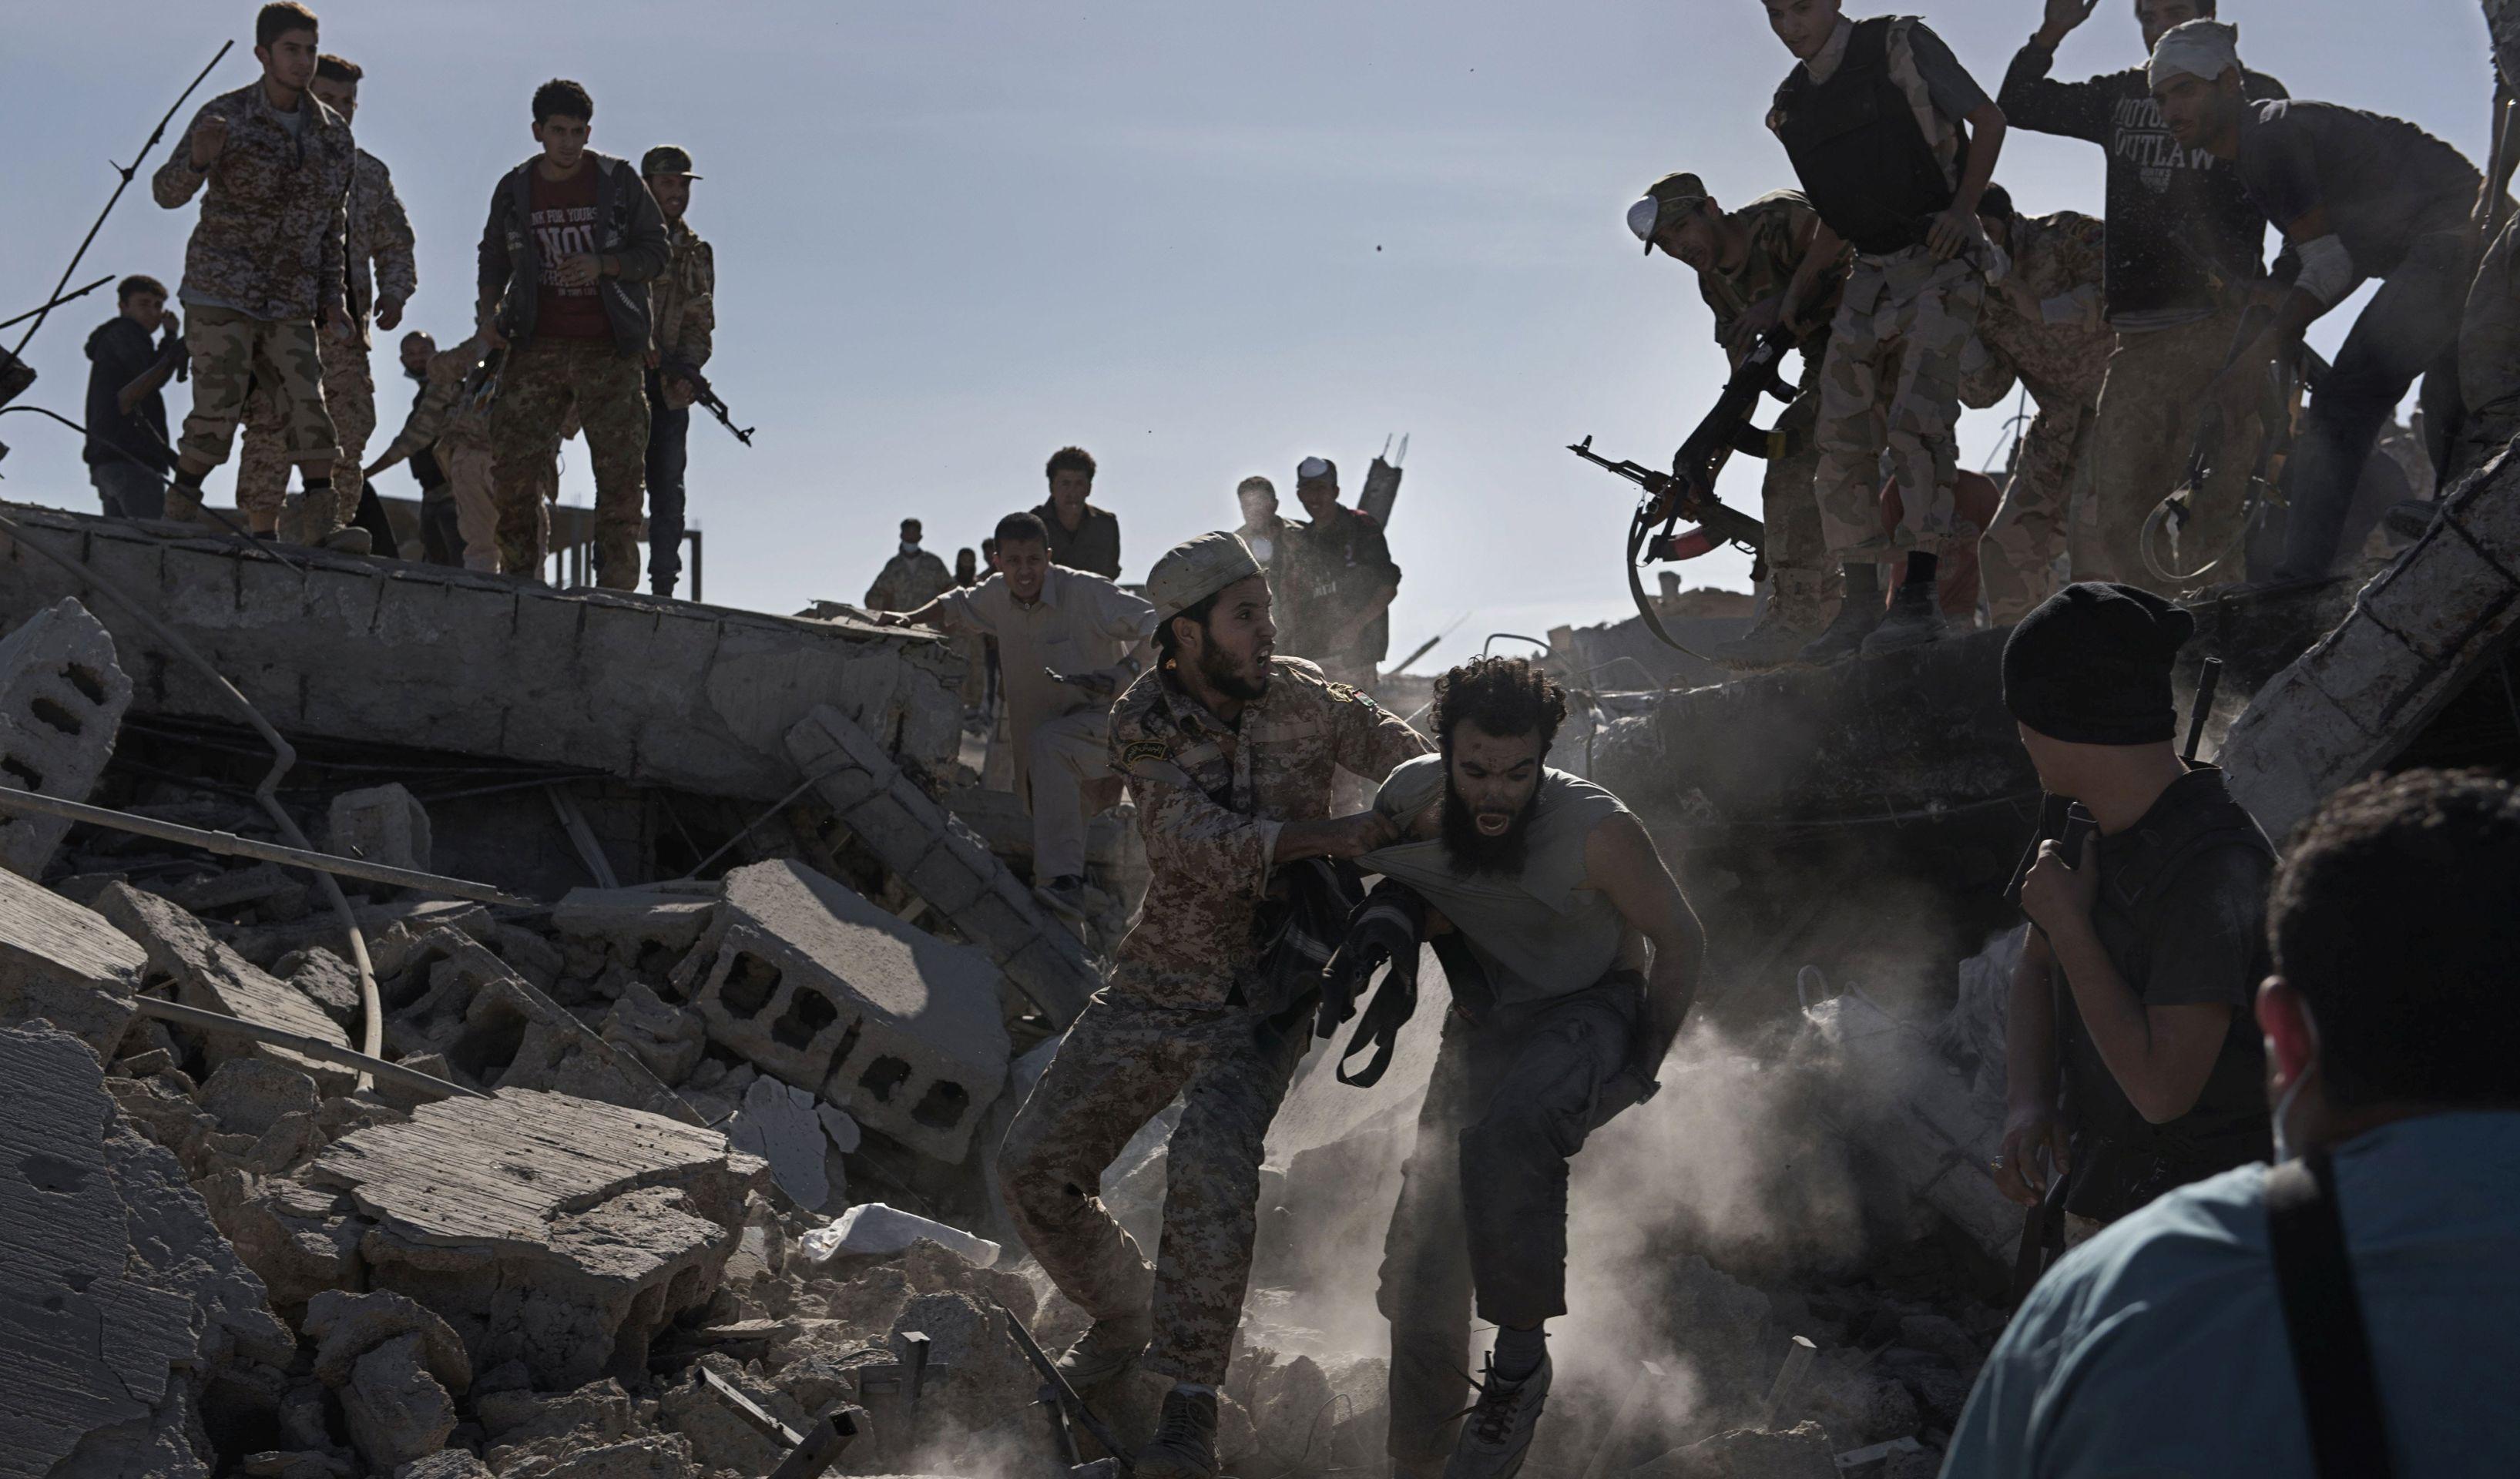 Sirijski pobunjenici uz potporu Turske preuzeli kontrolu nad središtem al-Baba